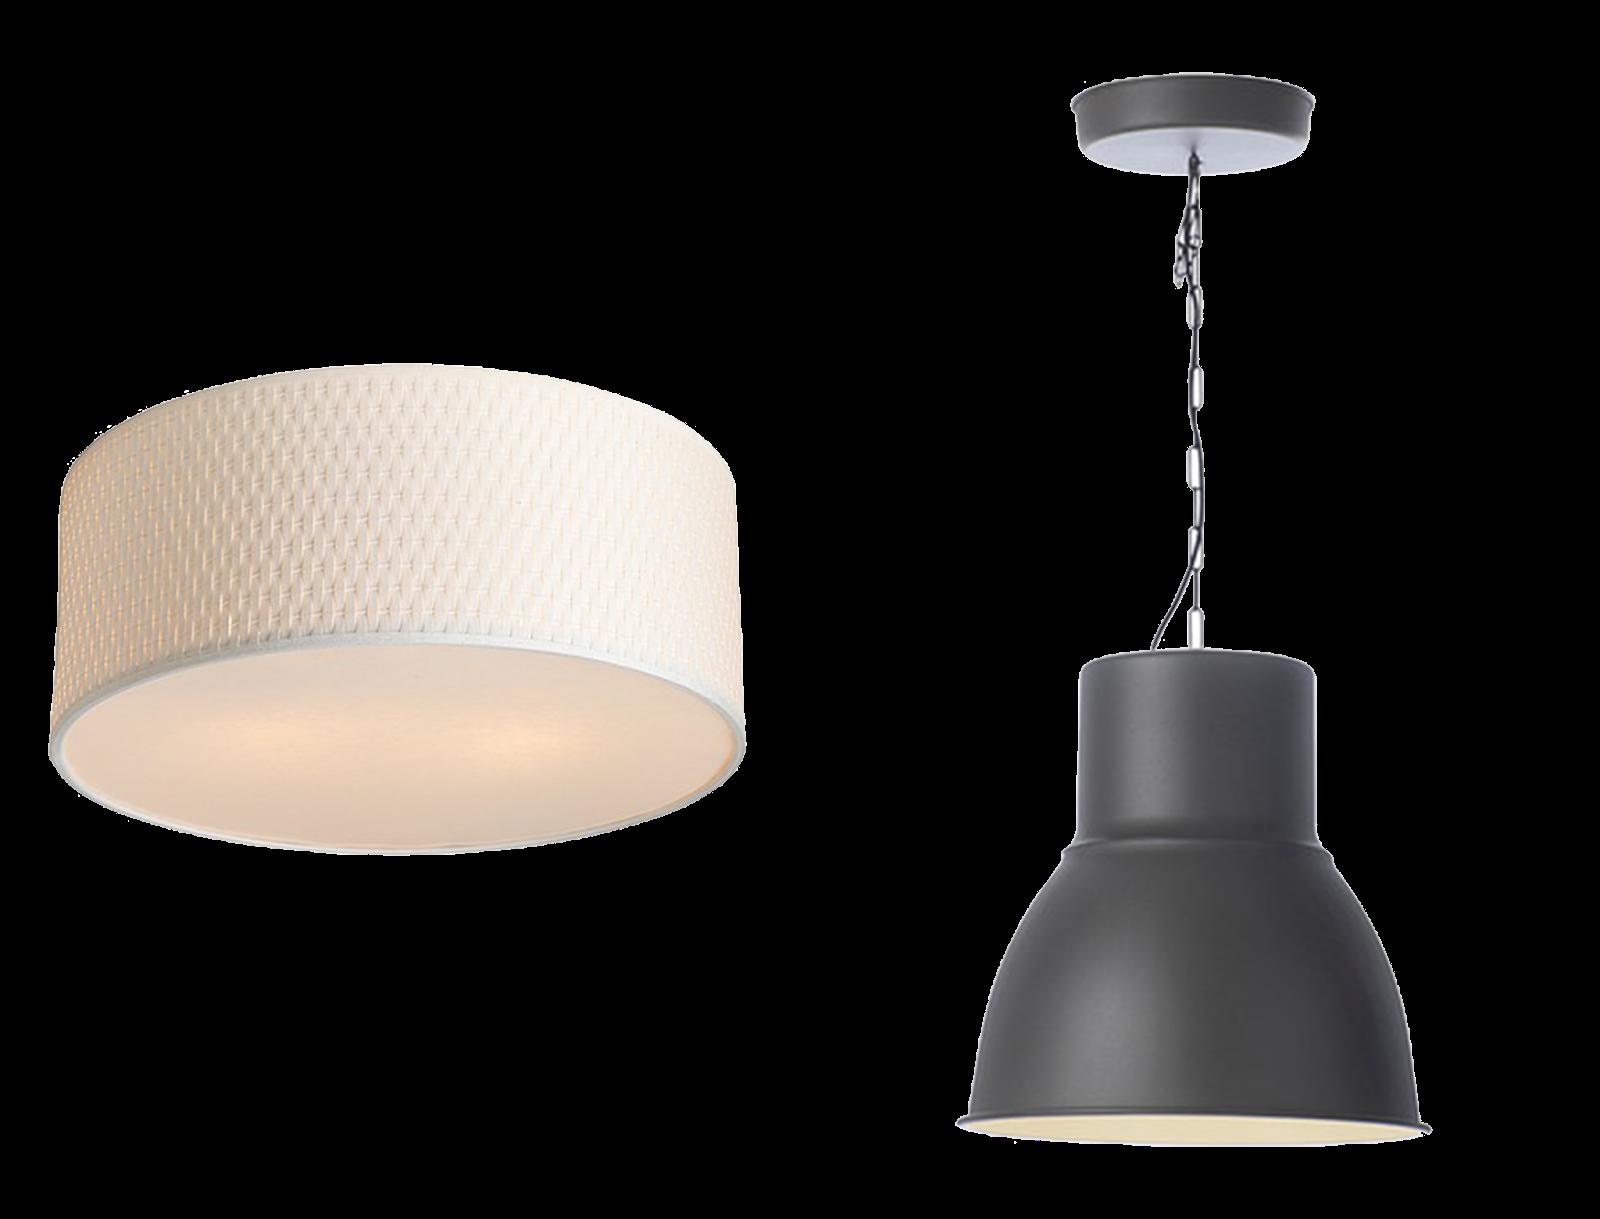 Lampadario ikea a palla la collezione di disegni di lampade che presentiamo nell - Ikea lampada a sospensione ...